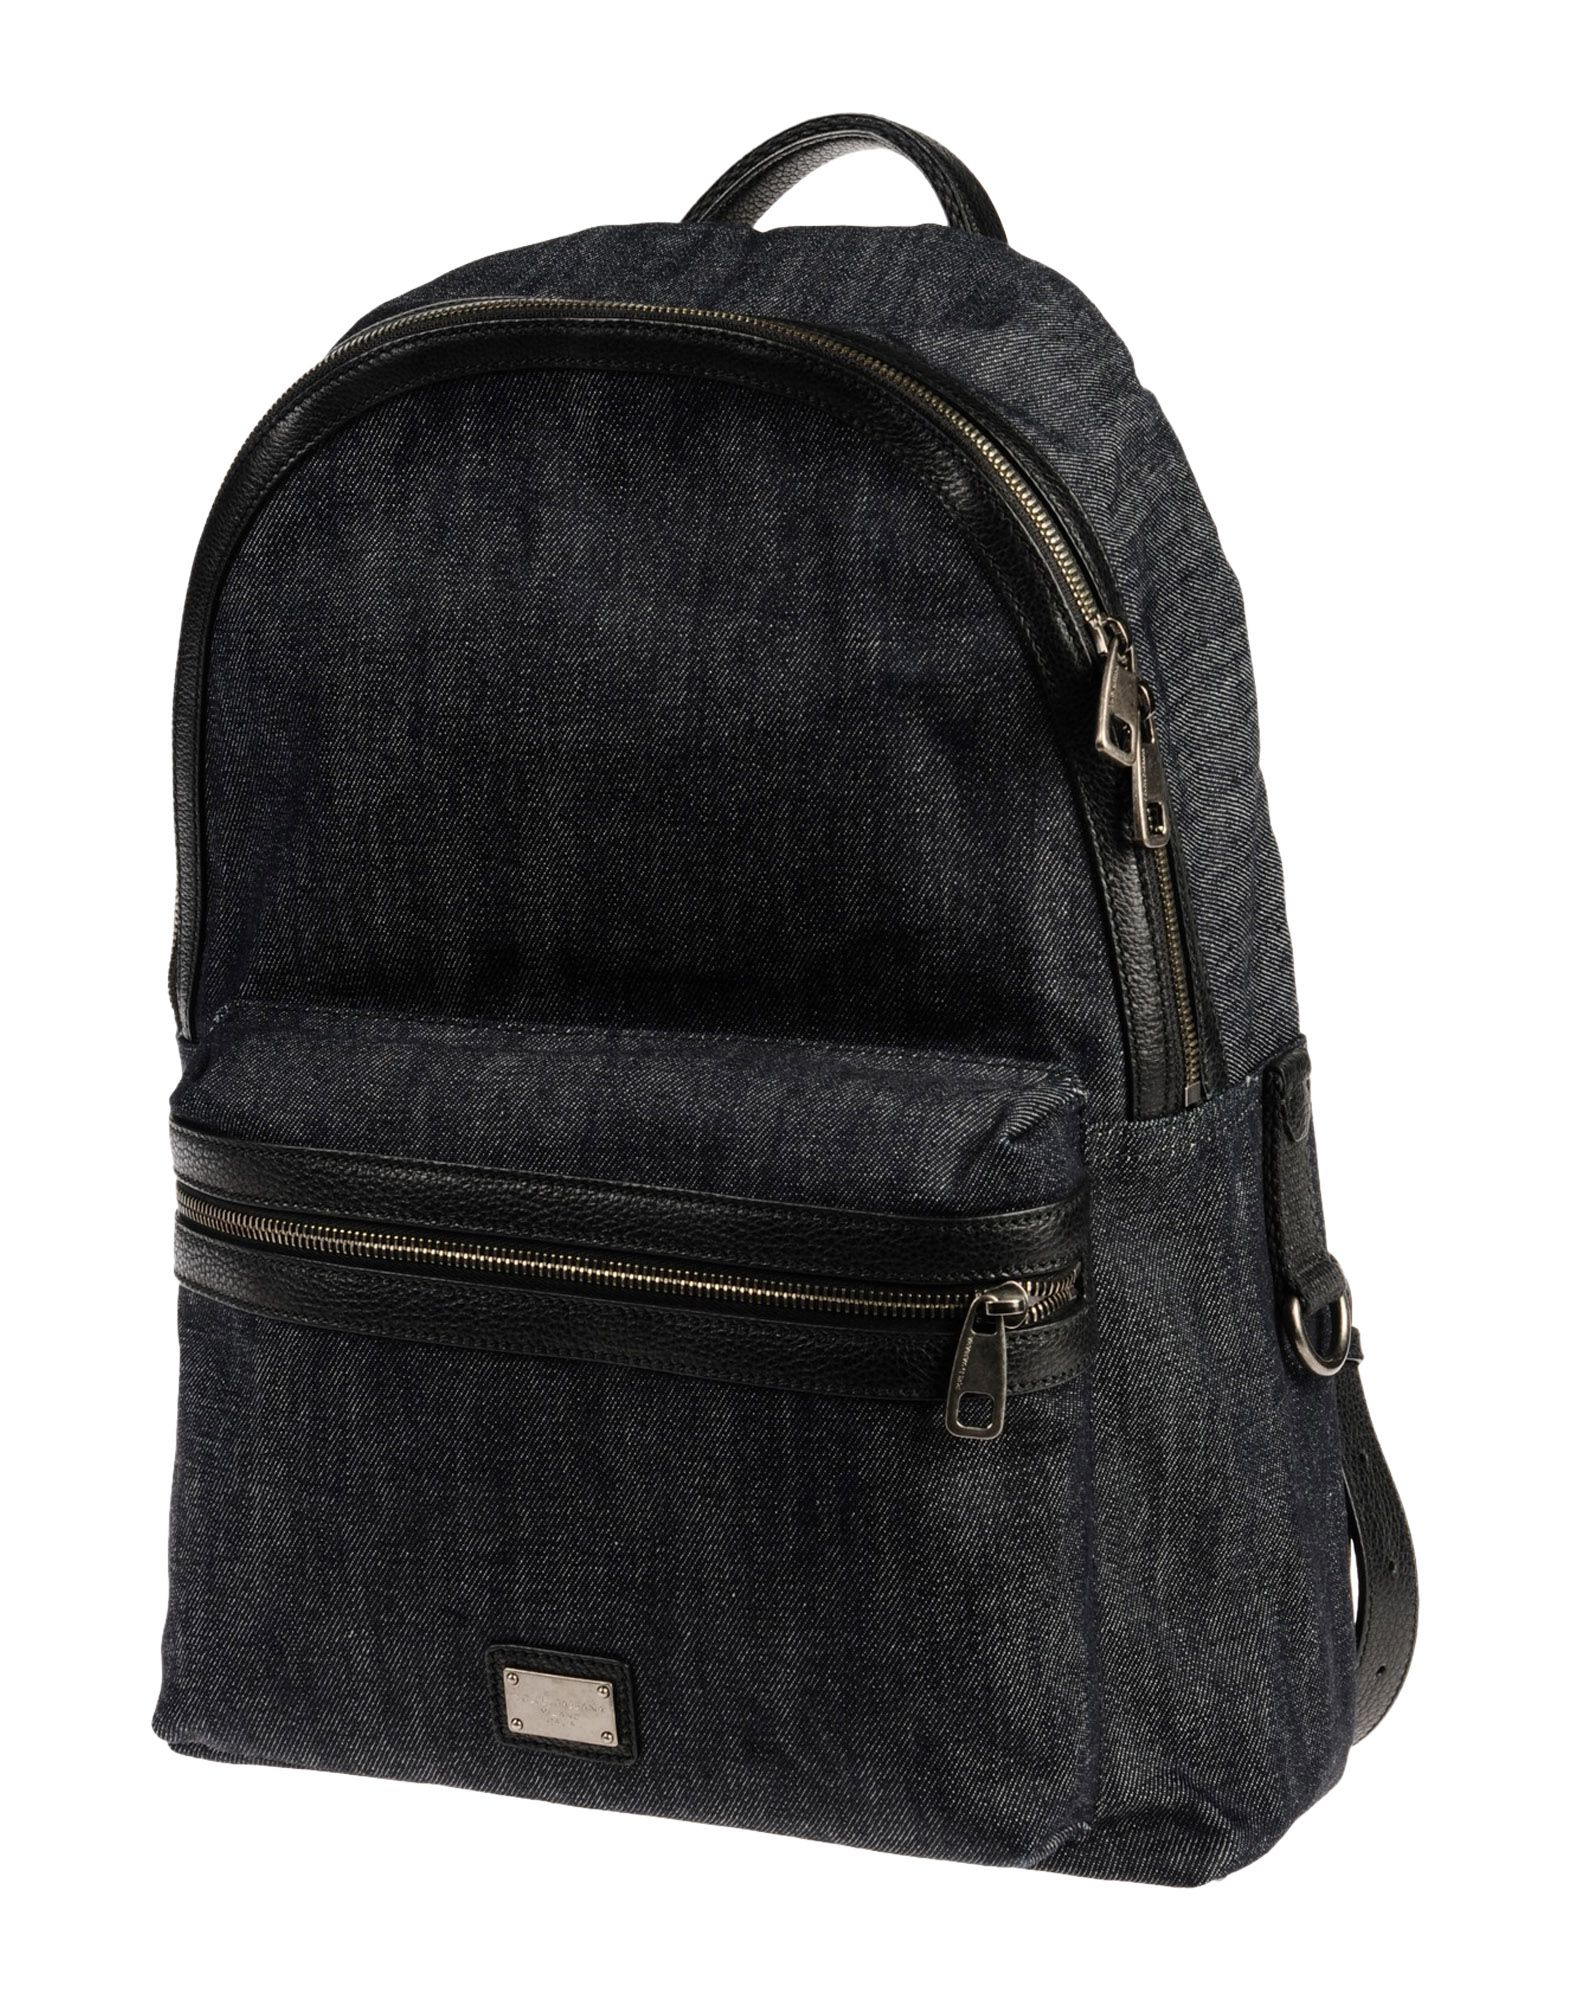 DOLCE & GABBANA Рюкзаки и сумки на пояс новые мужские кожаные рюкзаки мягкие рюкзаки бизнес daypack рюкзак сумки